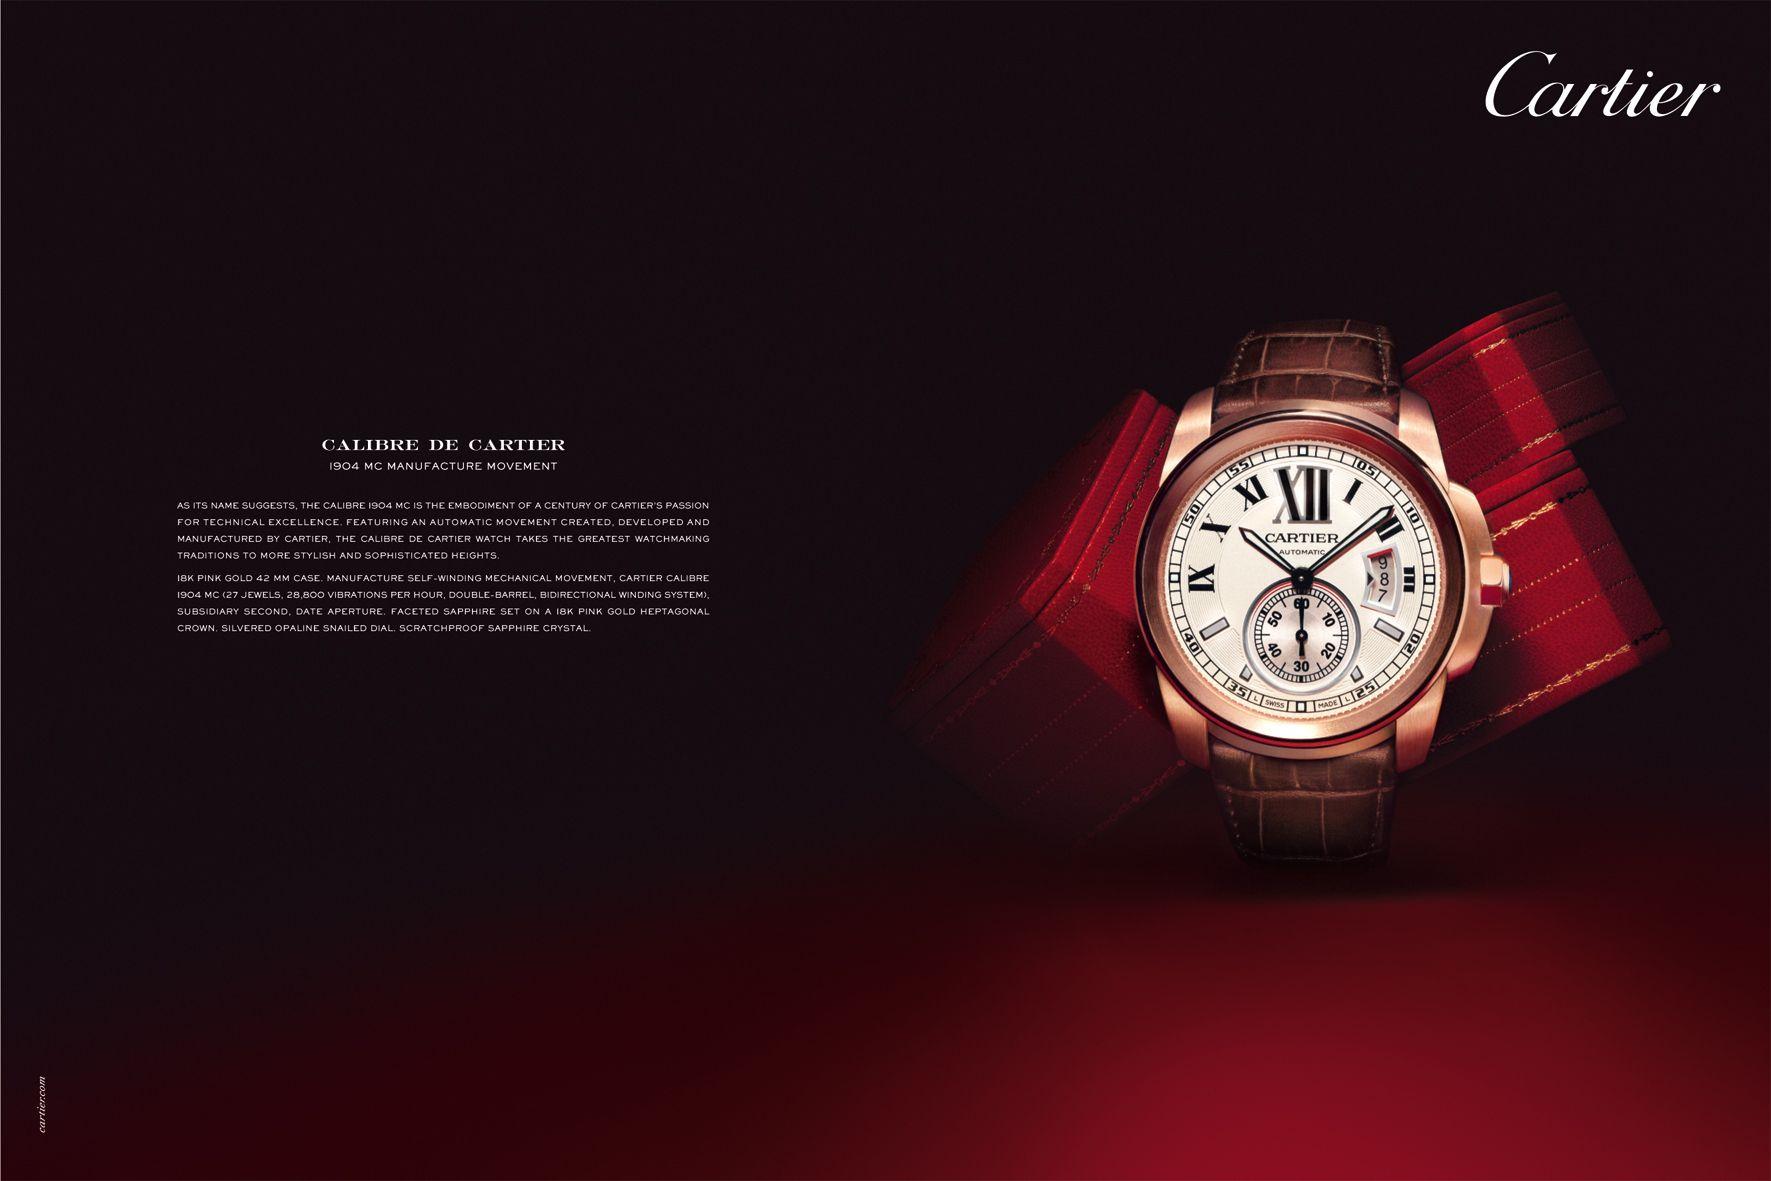 Calibre De Cartier Advertising Watch Design Cartier Calibre Watches For Men